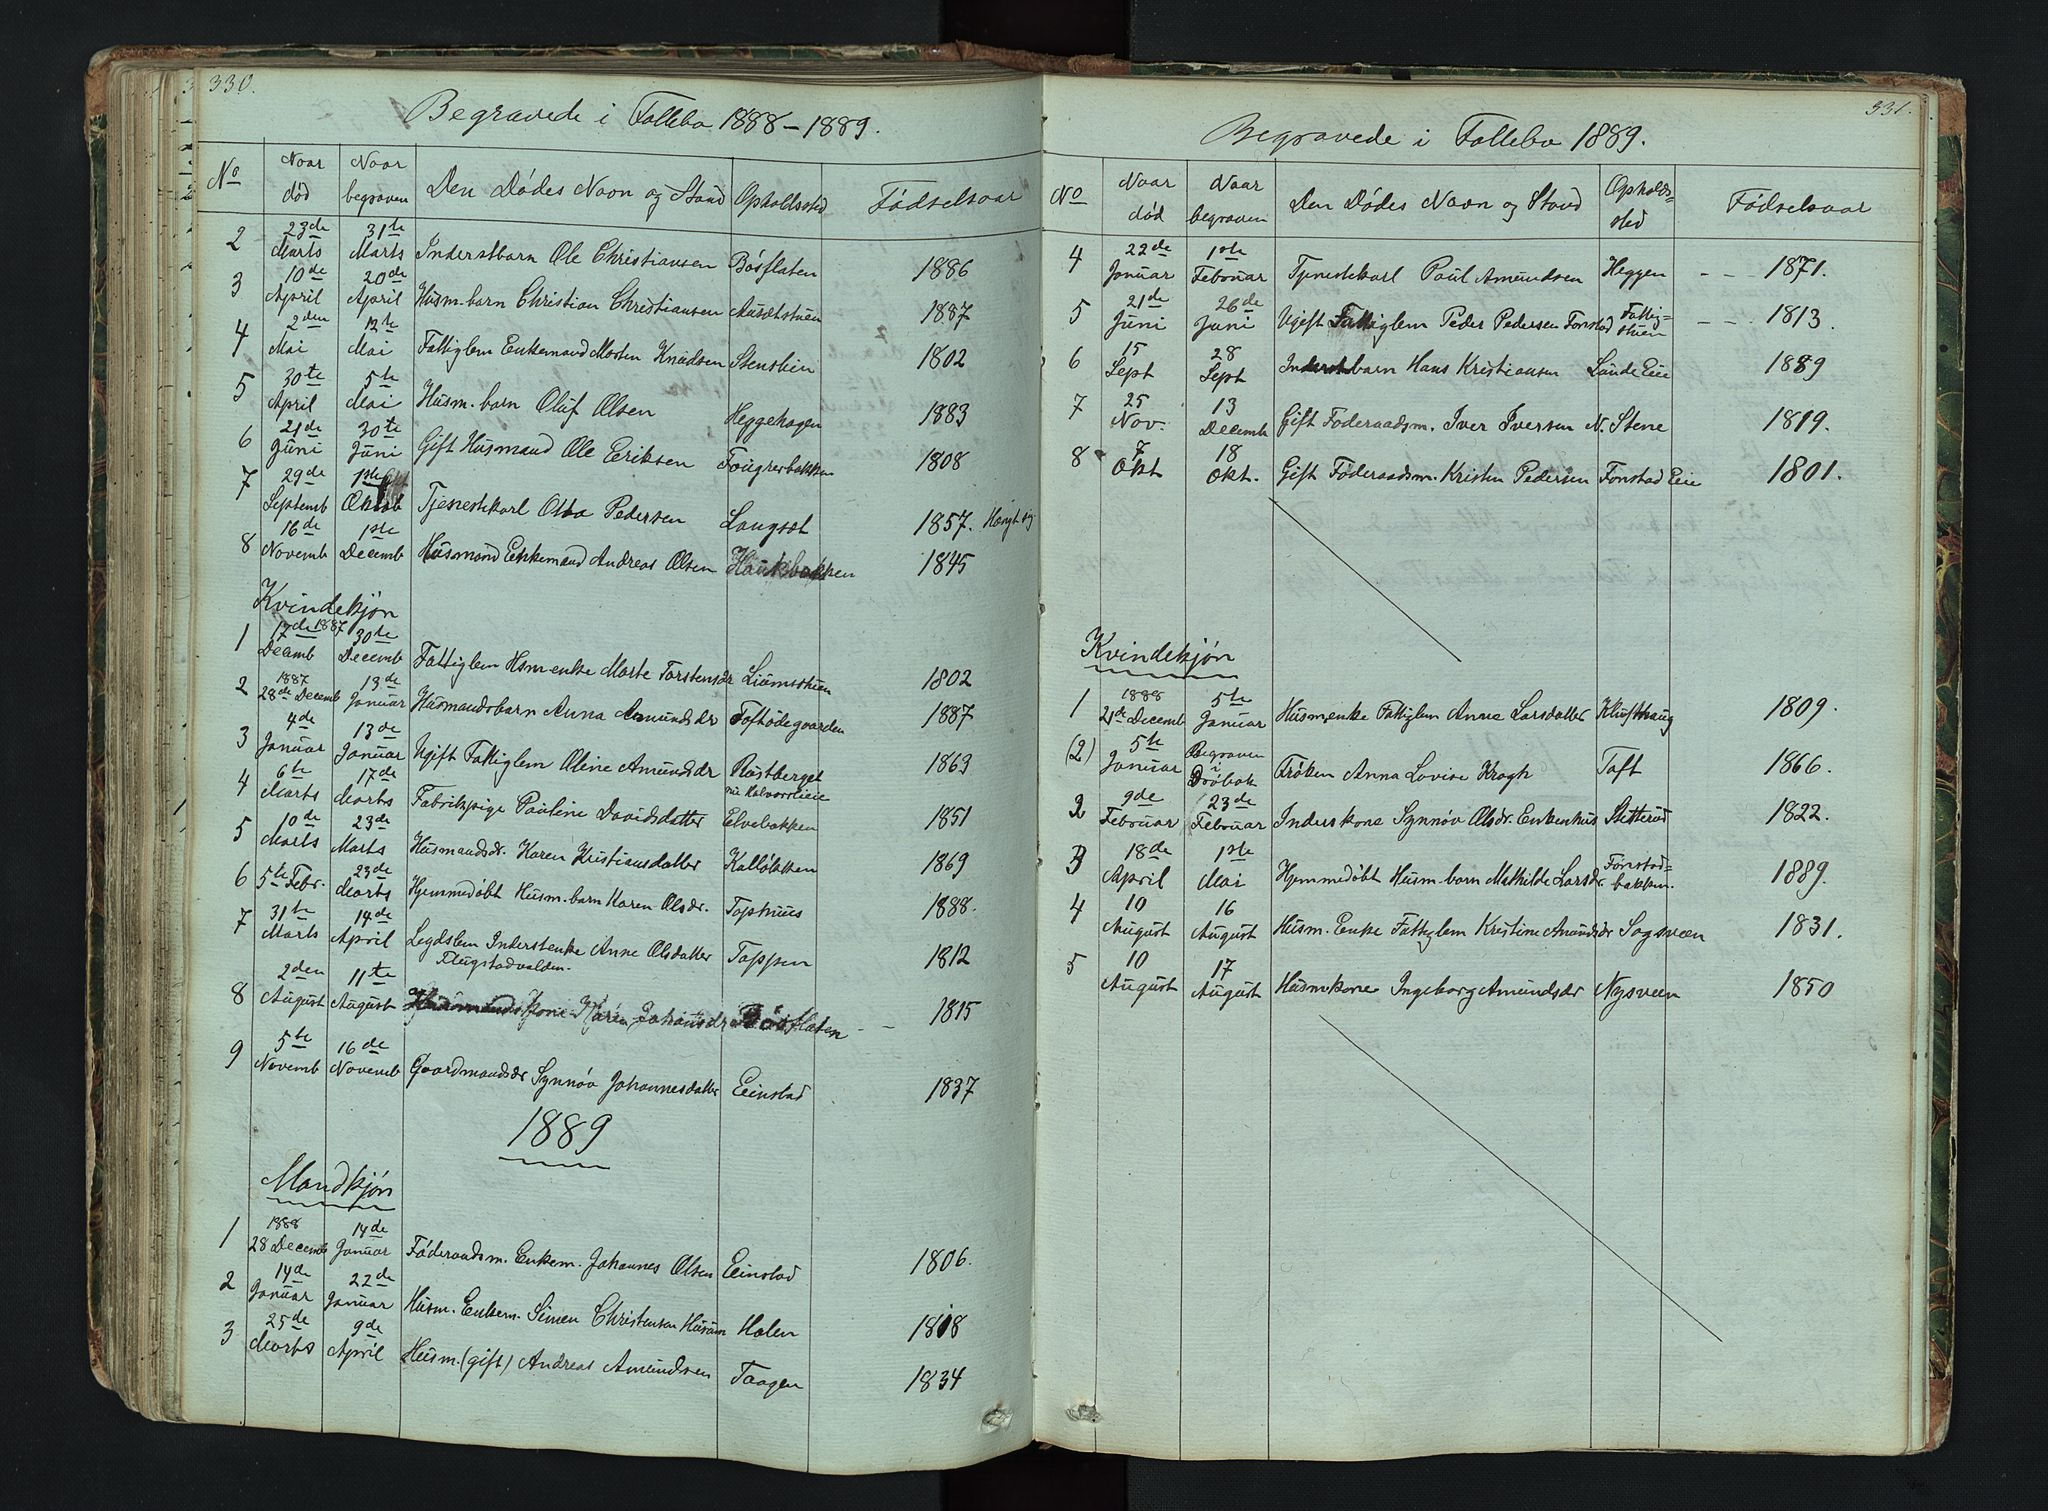 SAH, Gausdal prestekontor, Klokkerbok nr. 6, 1846-1893, s. 330-331